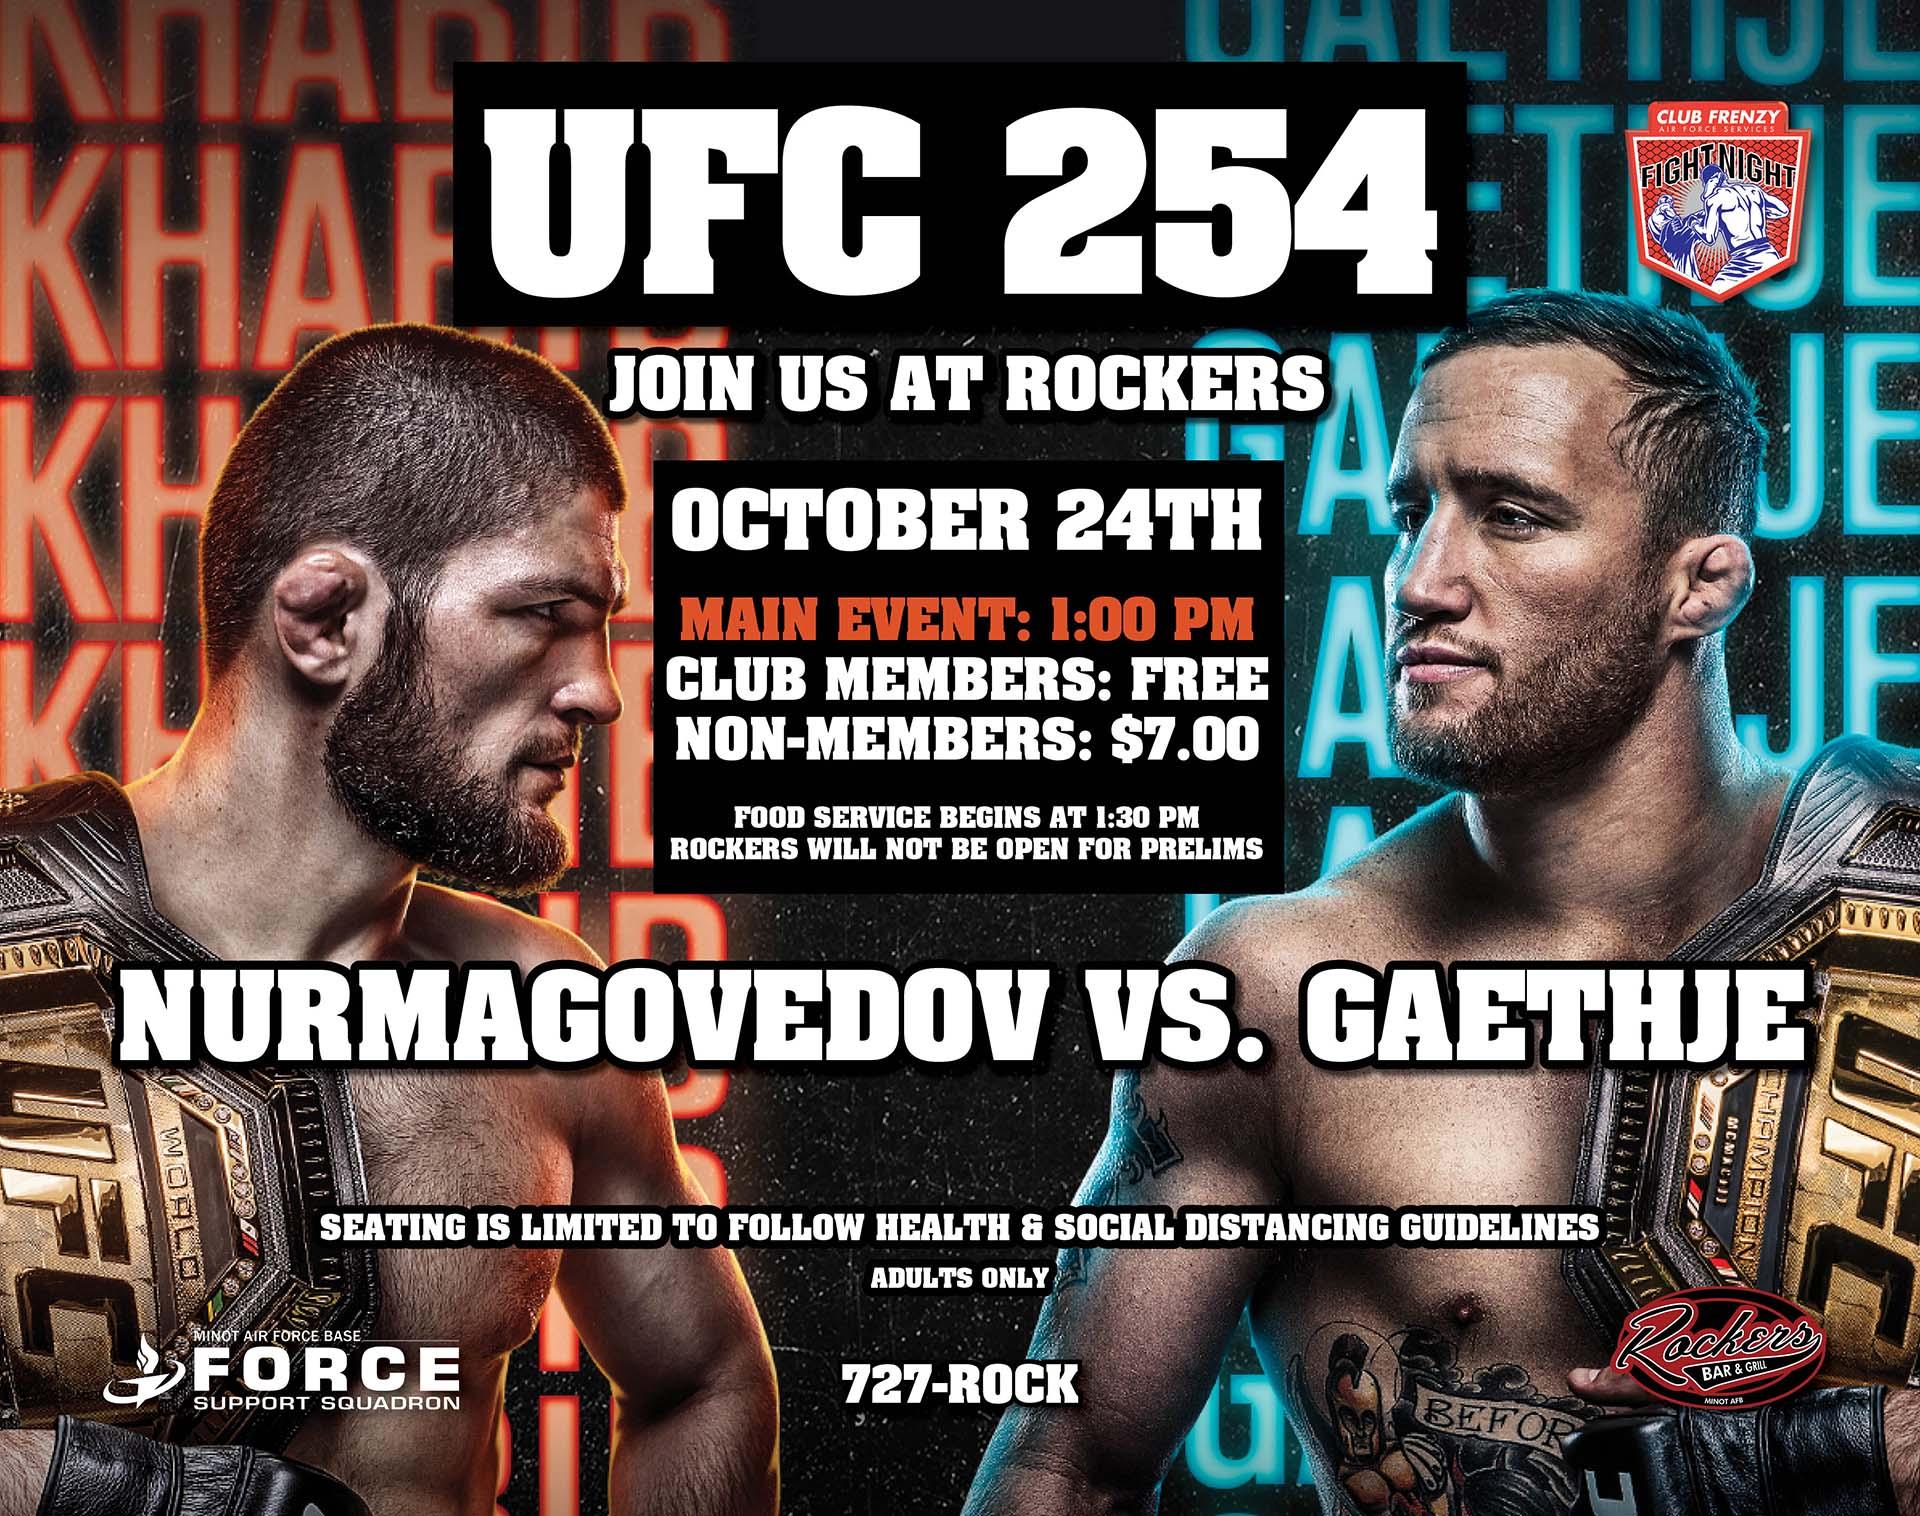 UFC 254: Nurmagomedov vs. Gaethje